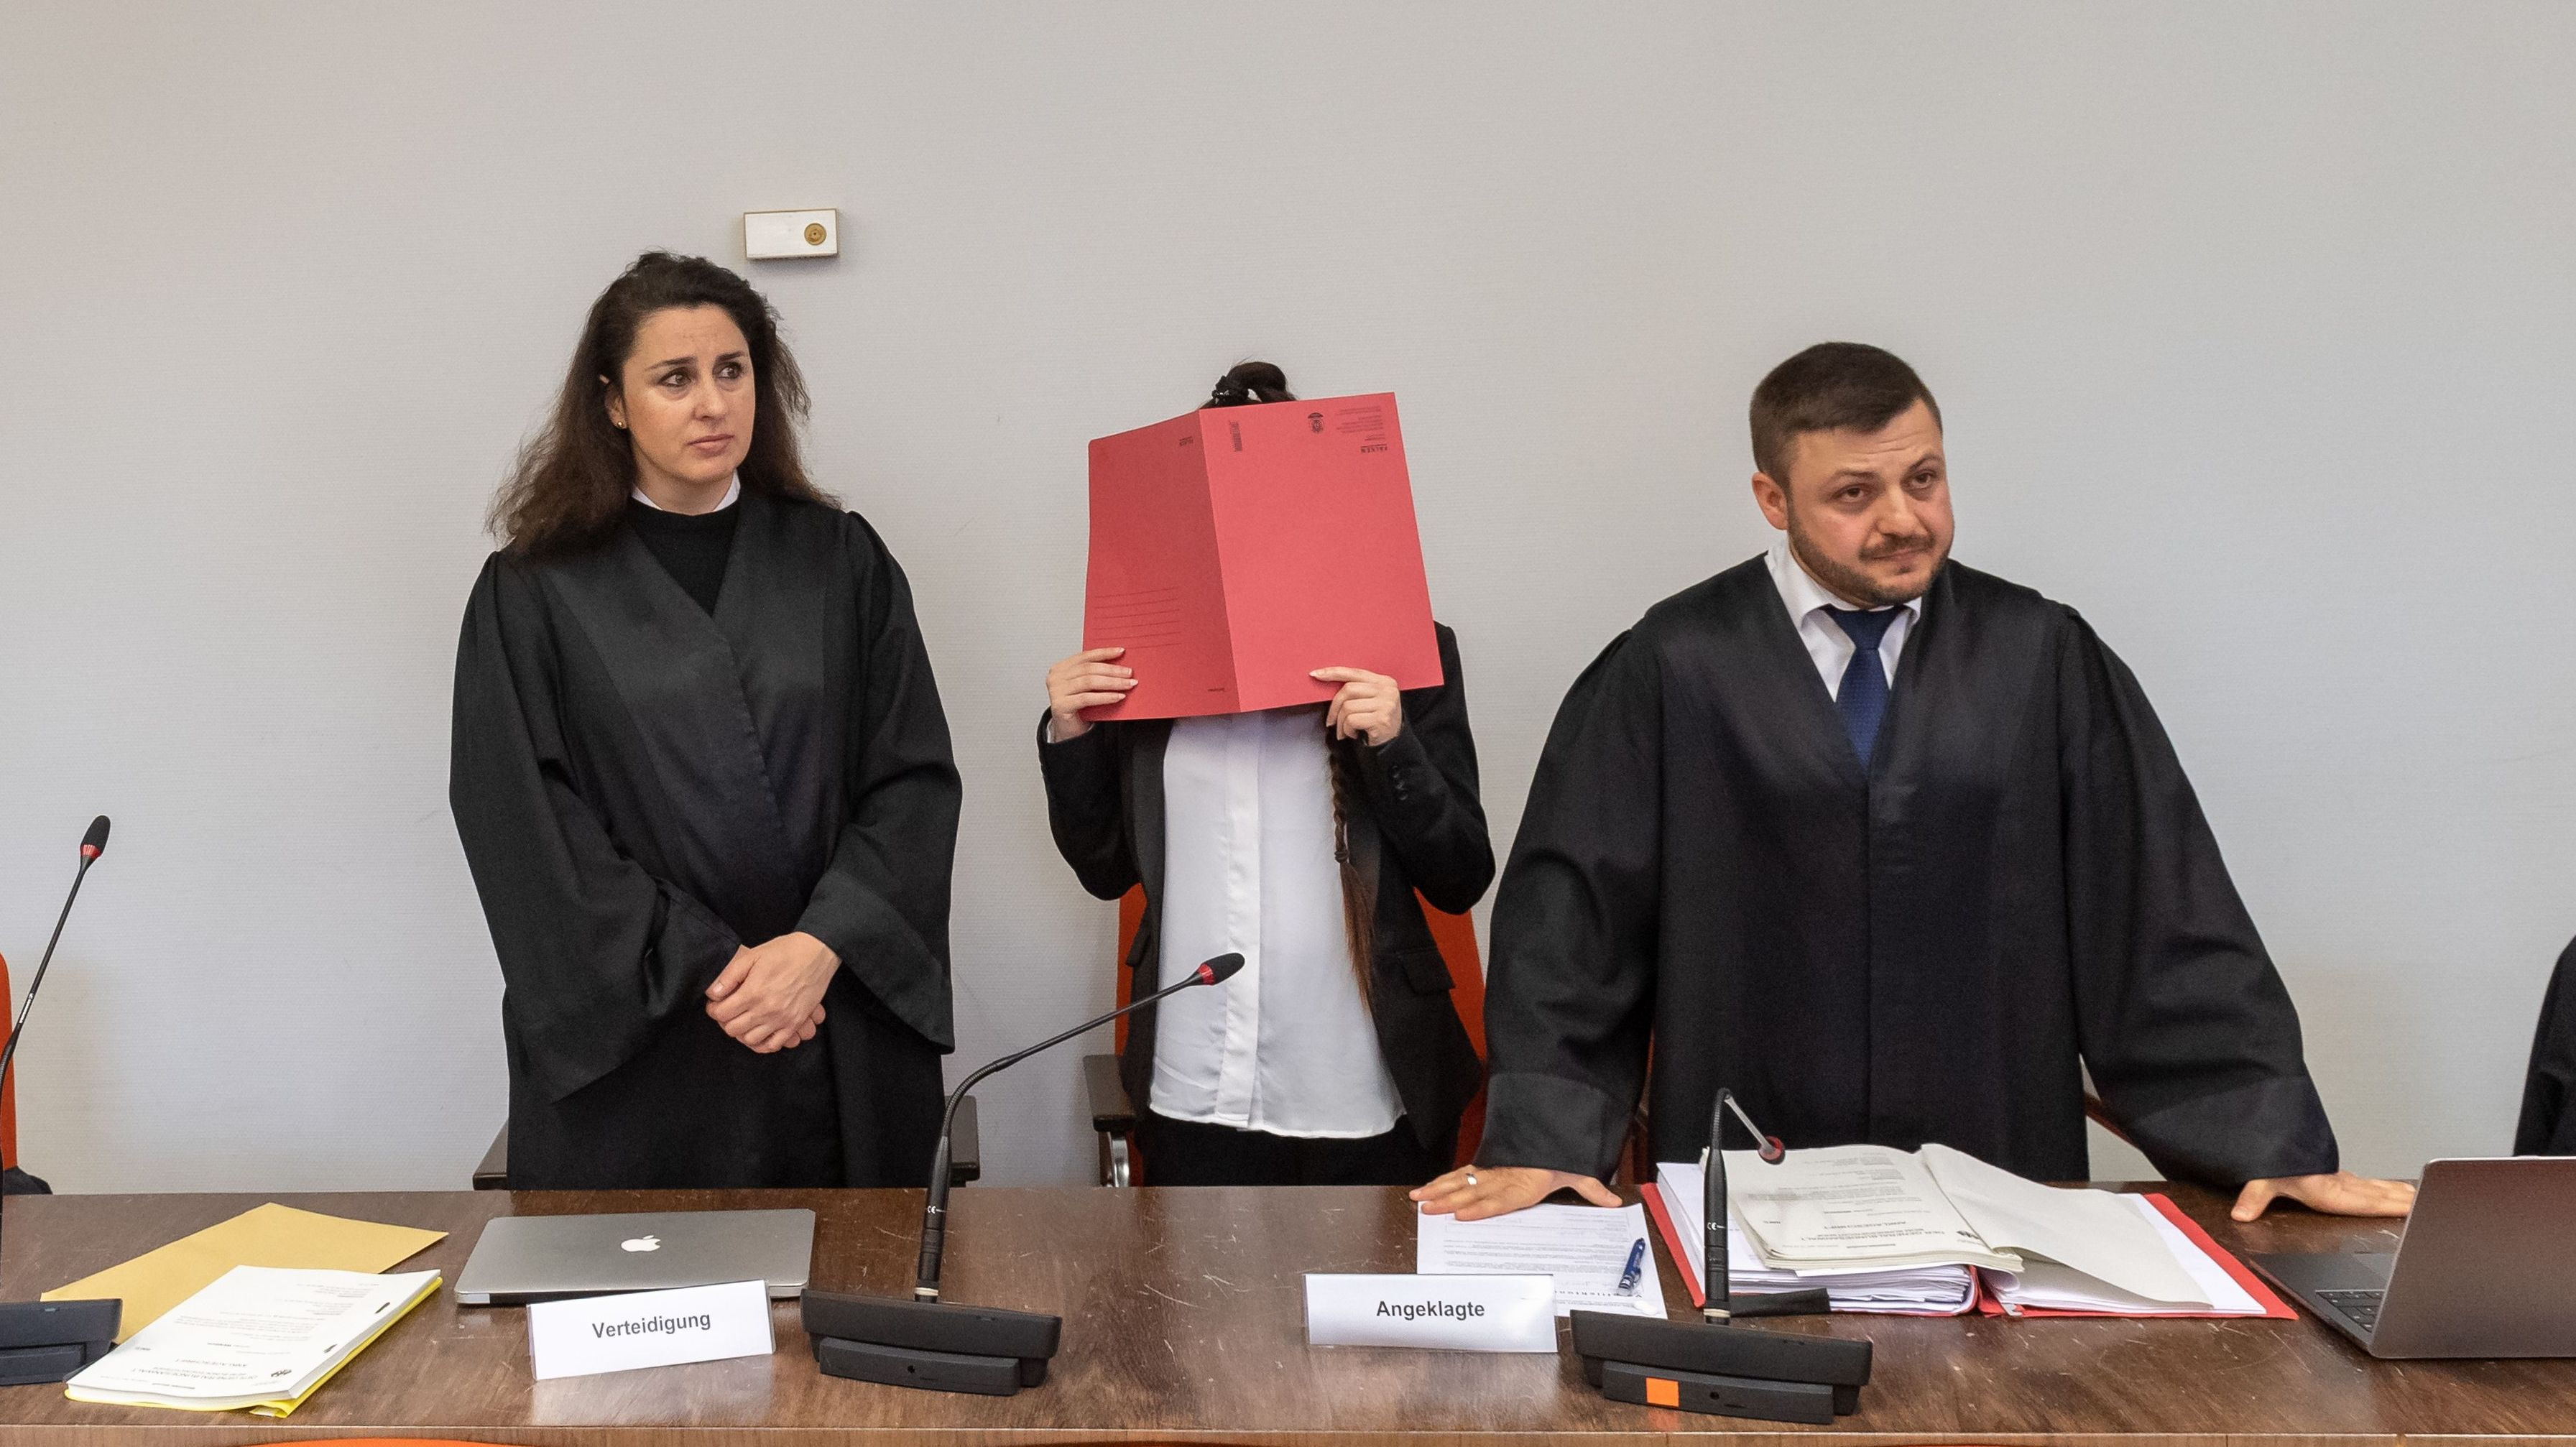 IS-Prozess: Zeugin identifiziert Angeklagte